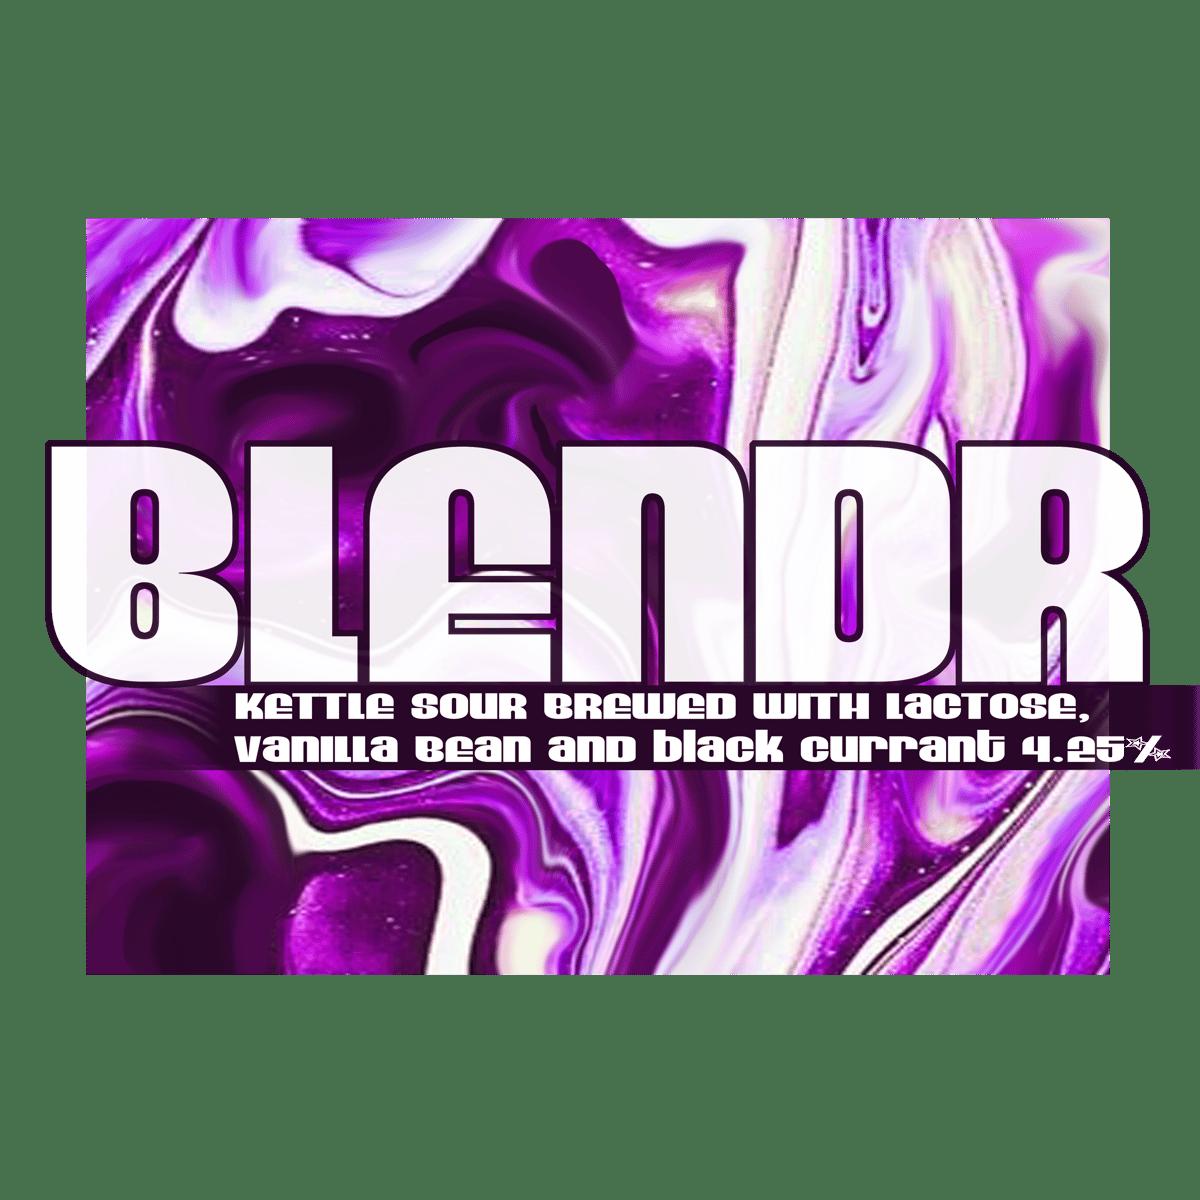 Blender Black Currant